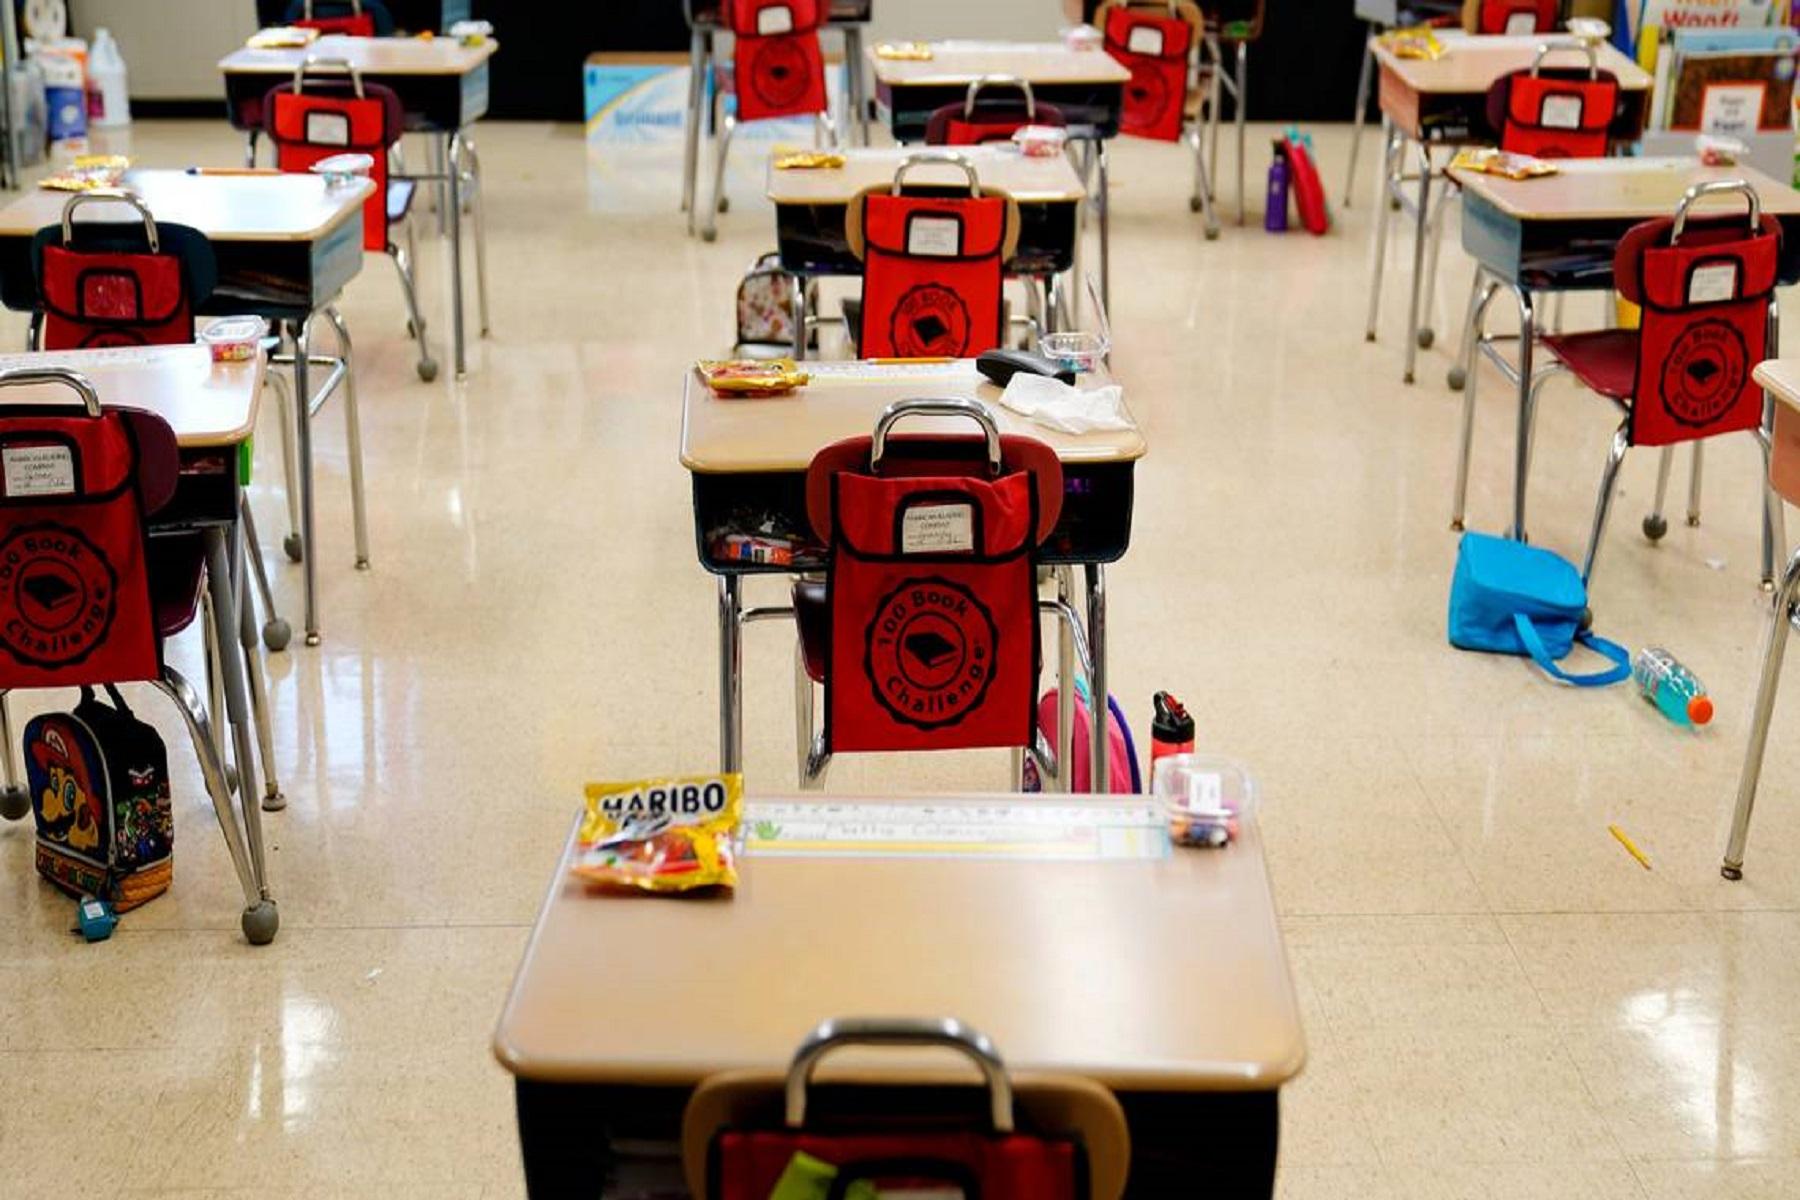 ΗΠΑ CDC: Προτεραιότητα η προσωπική μάθηση στα σχολεία με προϋποθέσεις ασφάλειας έναντι του κορωνοϊού